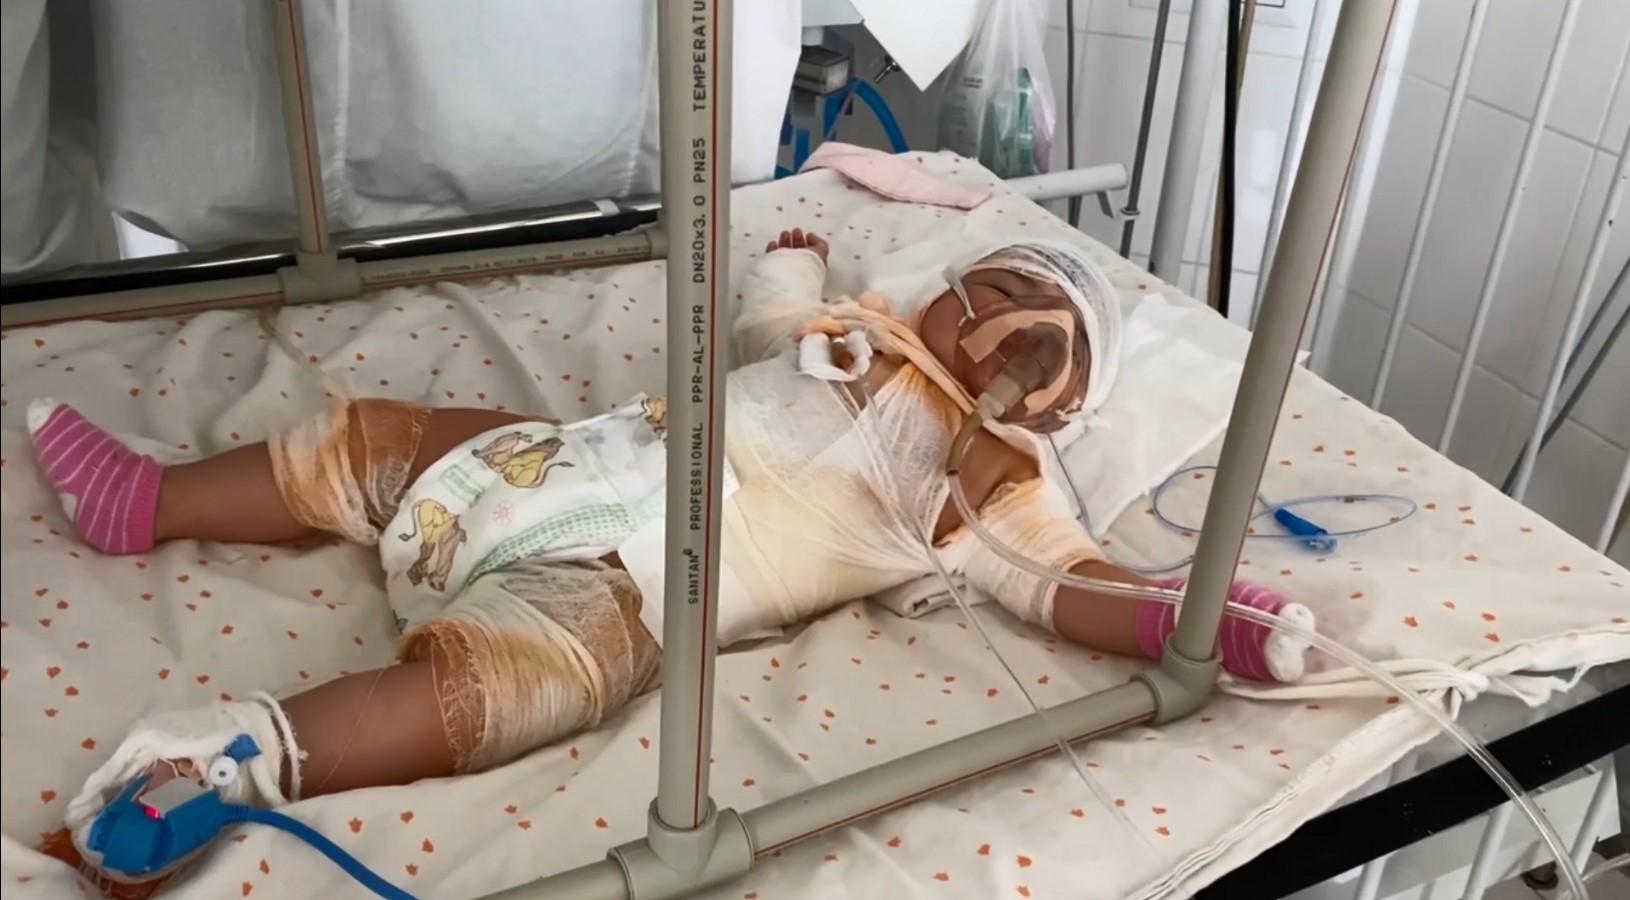 П'ятимісячне маля із опіками рятують в Кропивницькому. Вся історія (ФОТО)